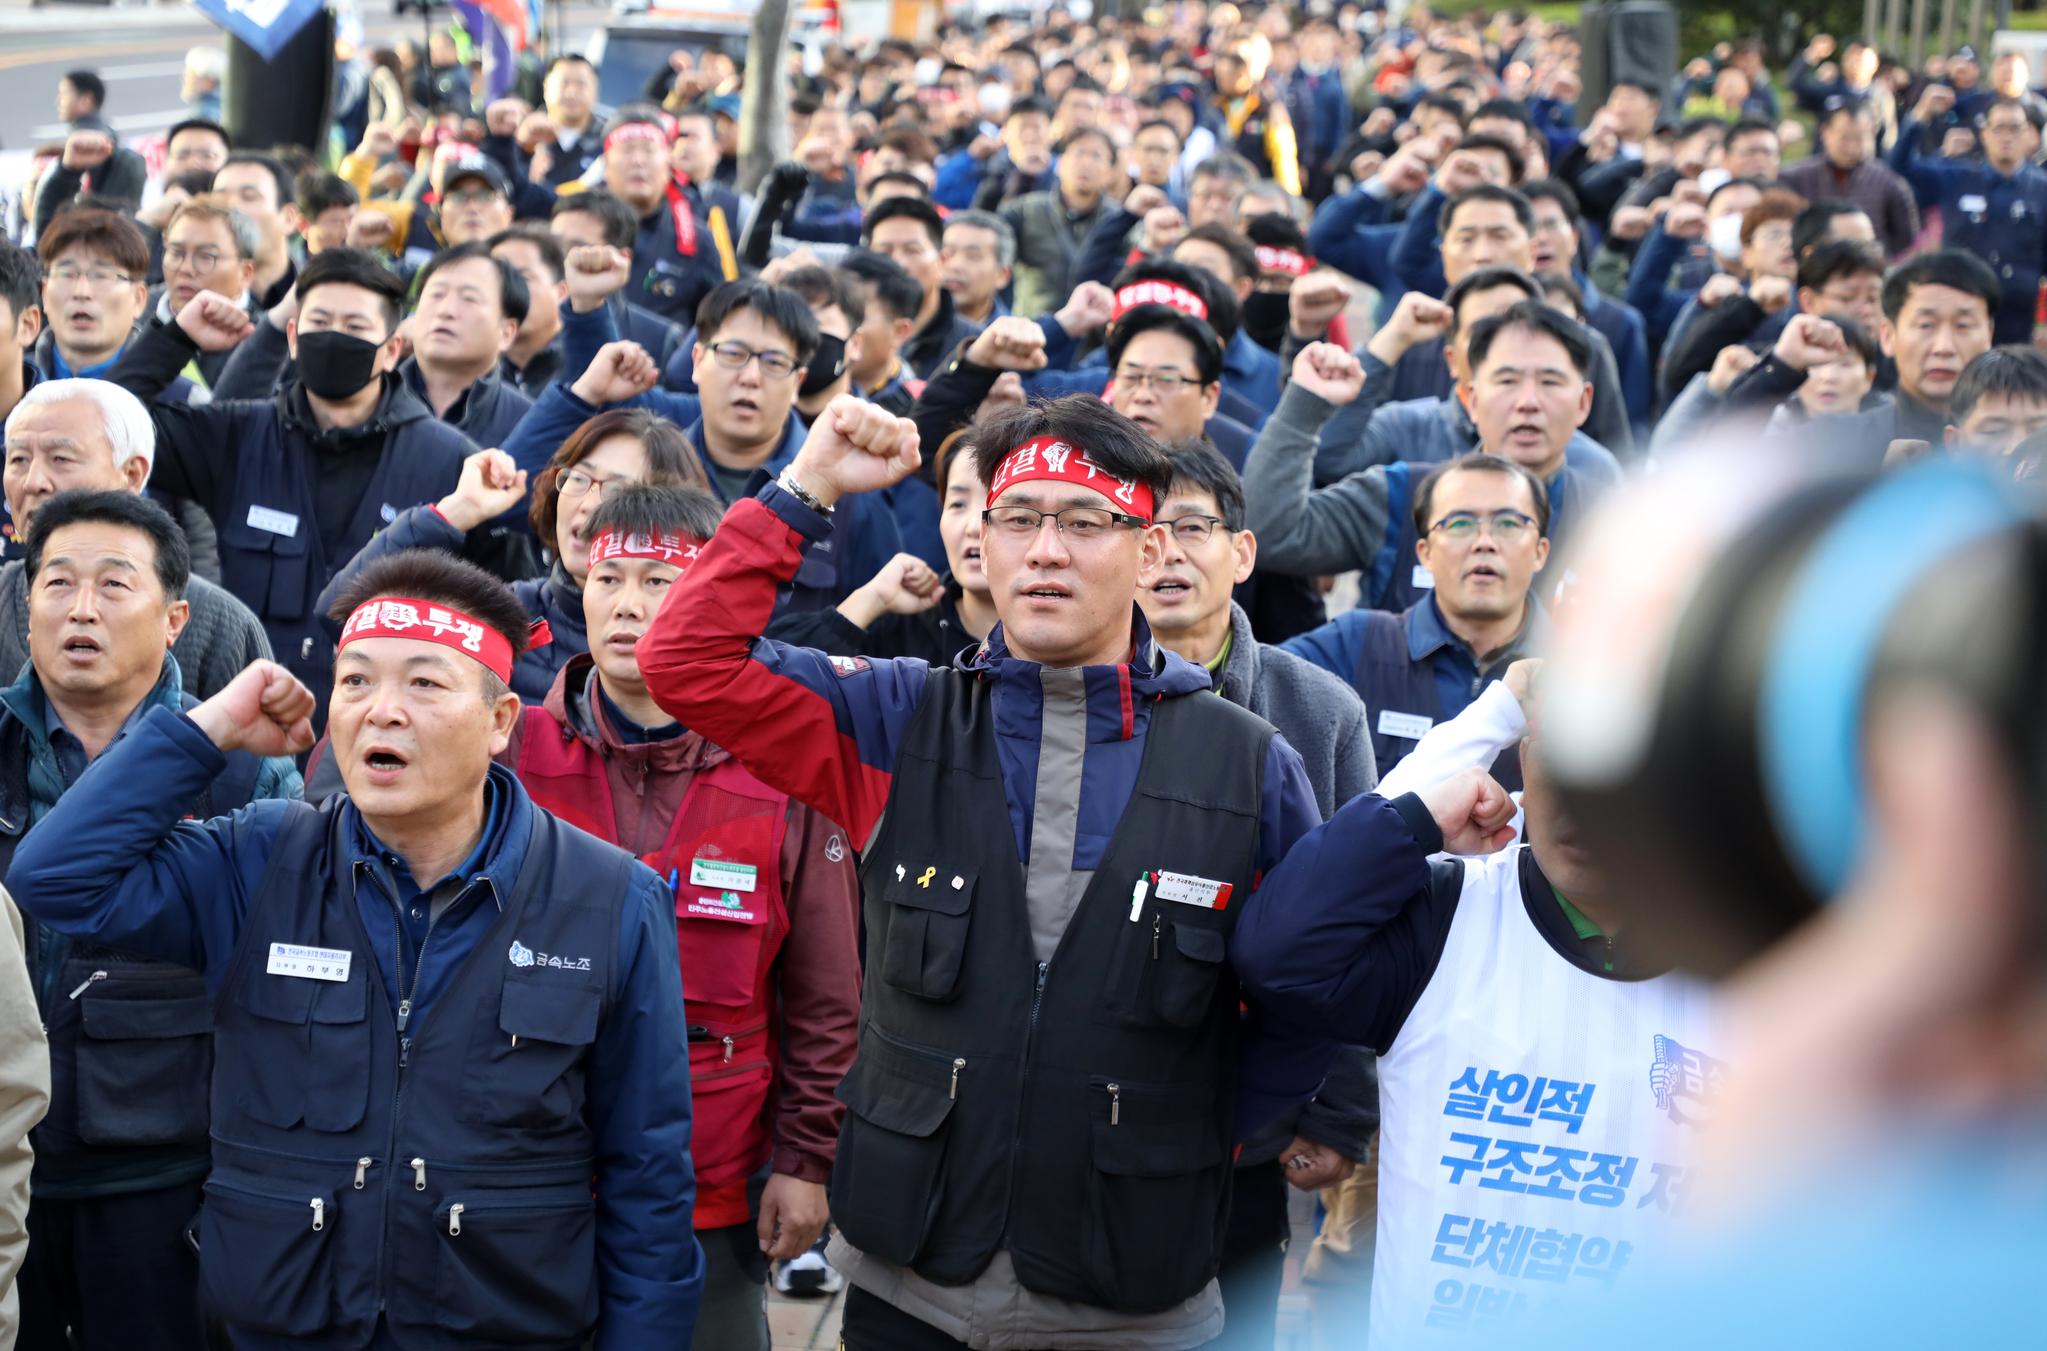 금속노조 현대자동차지부 조합원들이 지난달 14일 울산시청 정문 앞에서 울산노동자 결의대회를 하고 있다. [뉴스1]